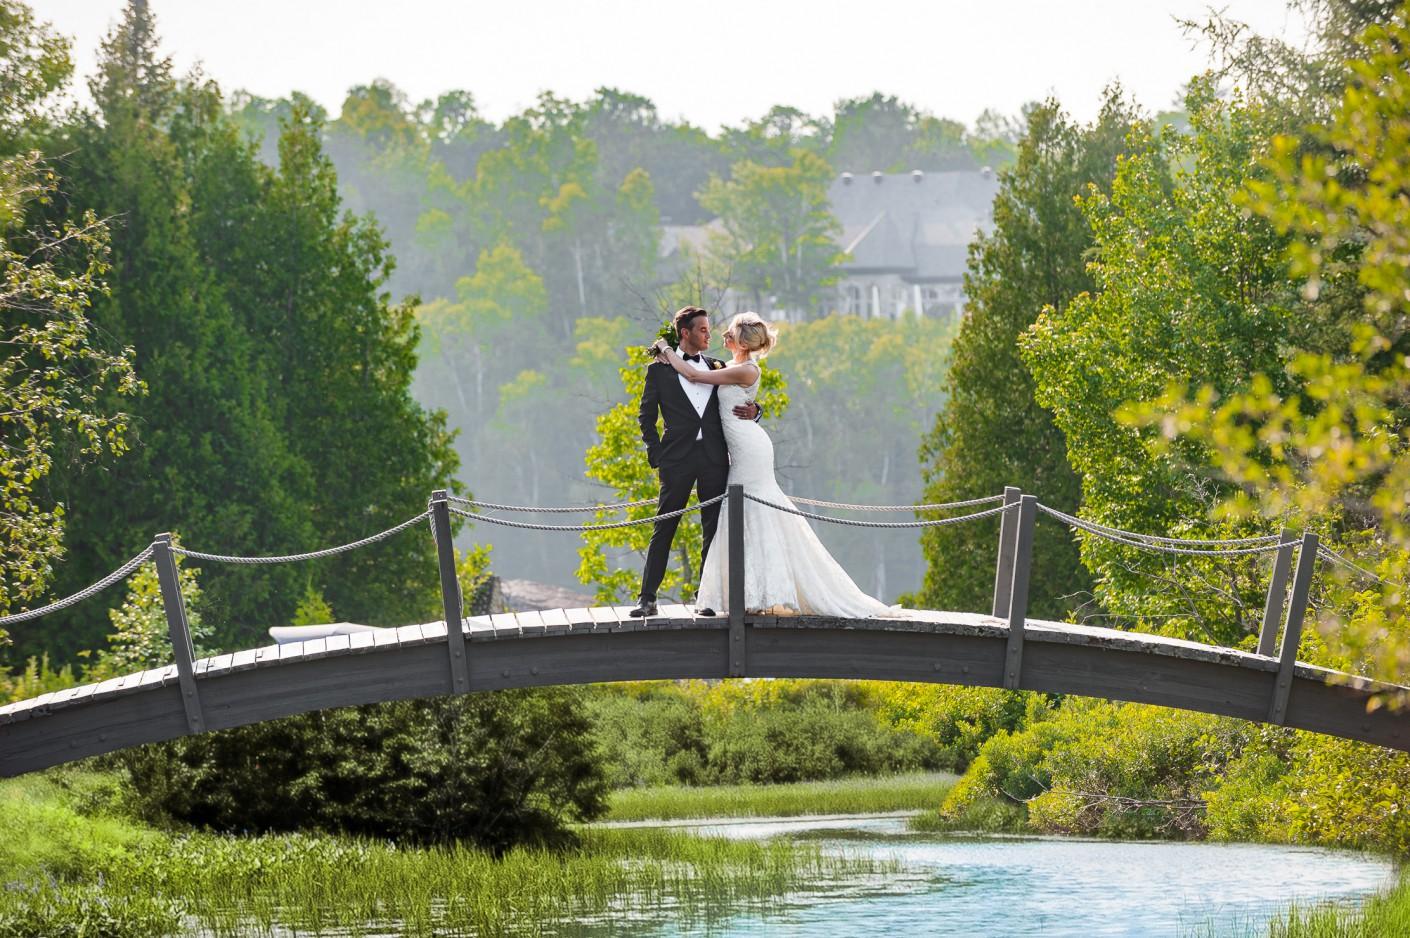 Mariage : L'union entre deux rives -, KW: Photo Couple